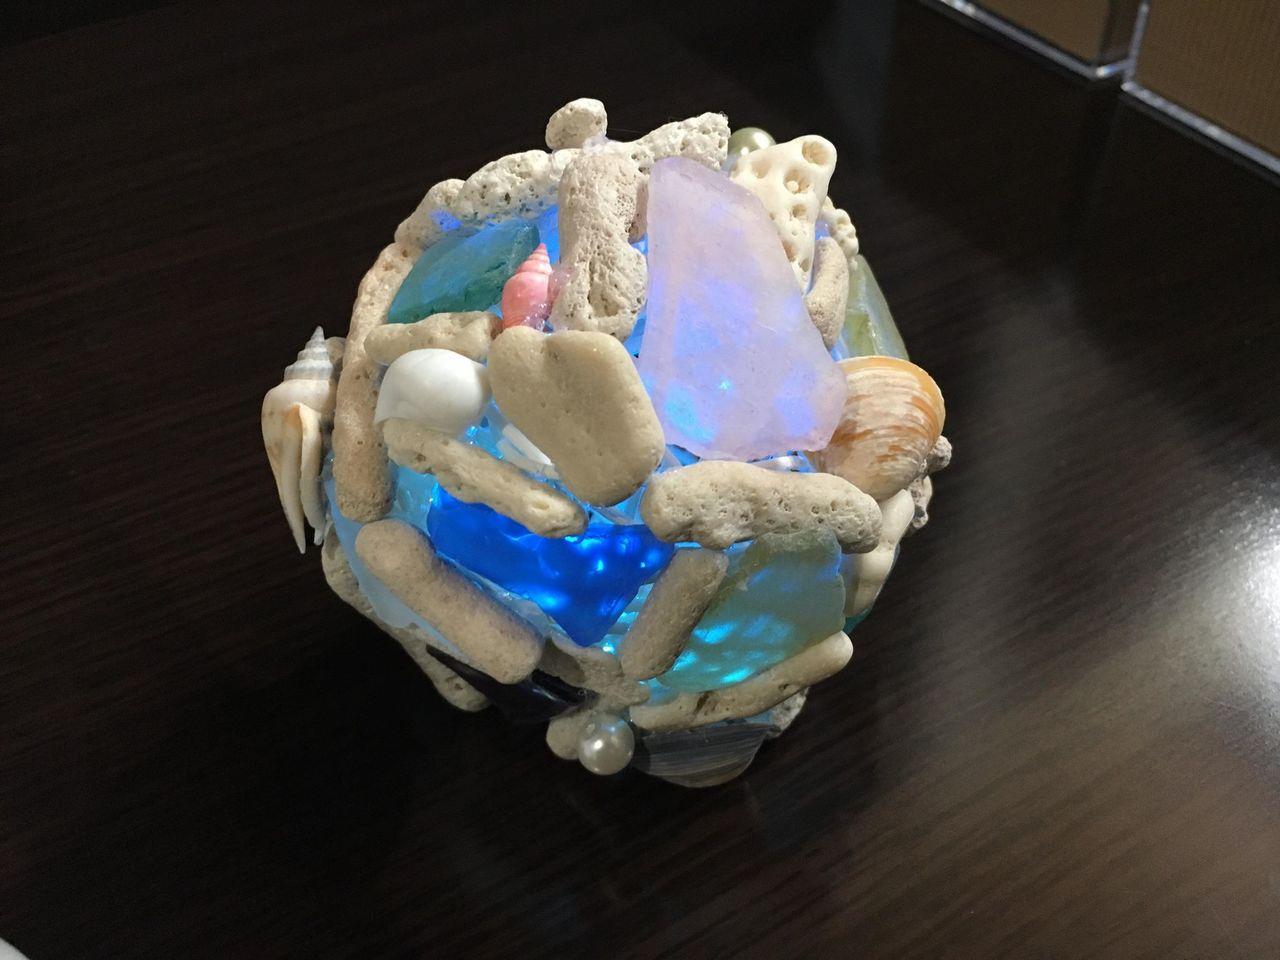 7/16(祝・海の日)珊瑚で作る「 オーシャンボールランプ づくり」@横浜駅西口(ムービル)